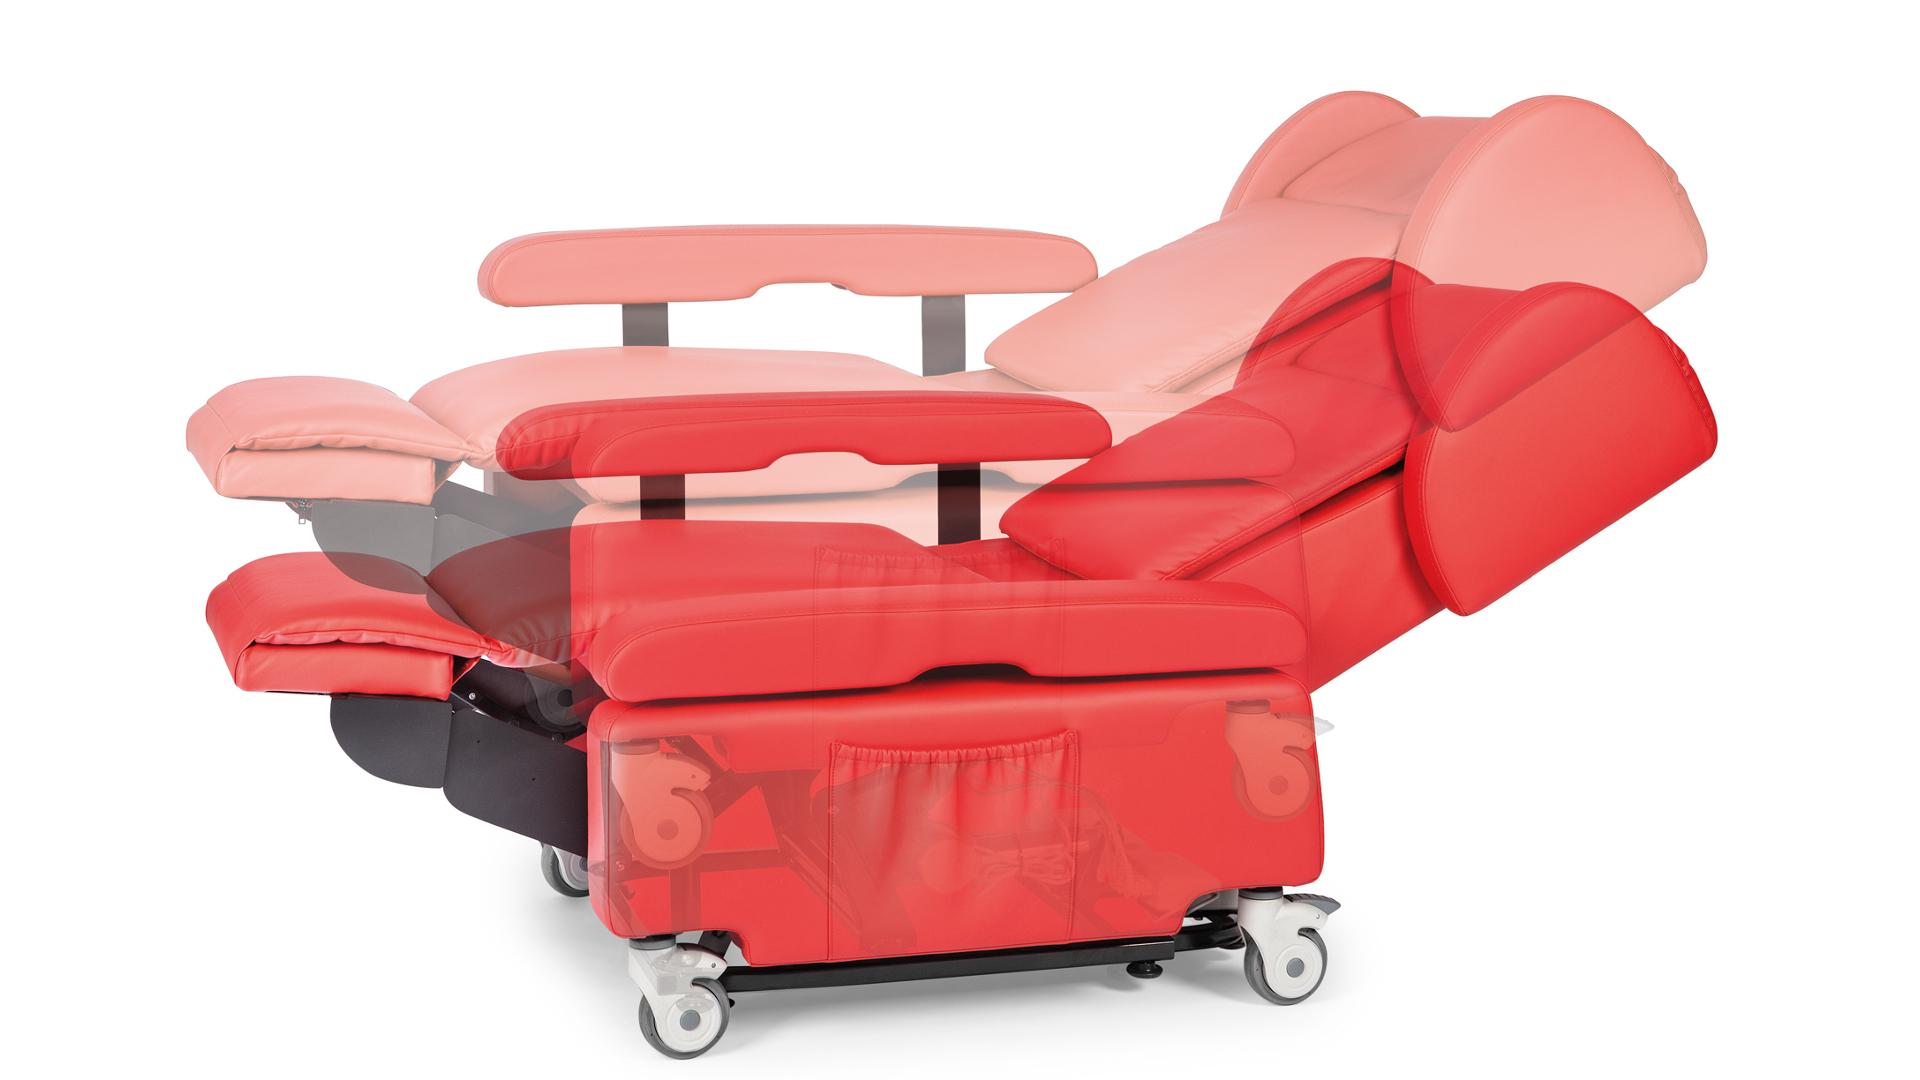 Full Size of Elektrisch Verstellbare Liegesessel Verstellbar Garten Liegestuhl Ikea Sofa Mit Verstellbarer Sitztiefe Wohnzimmer Liegesessel Verstellbar